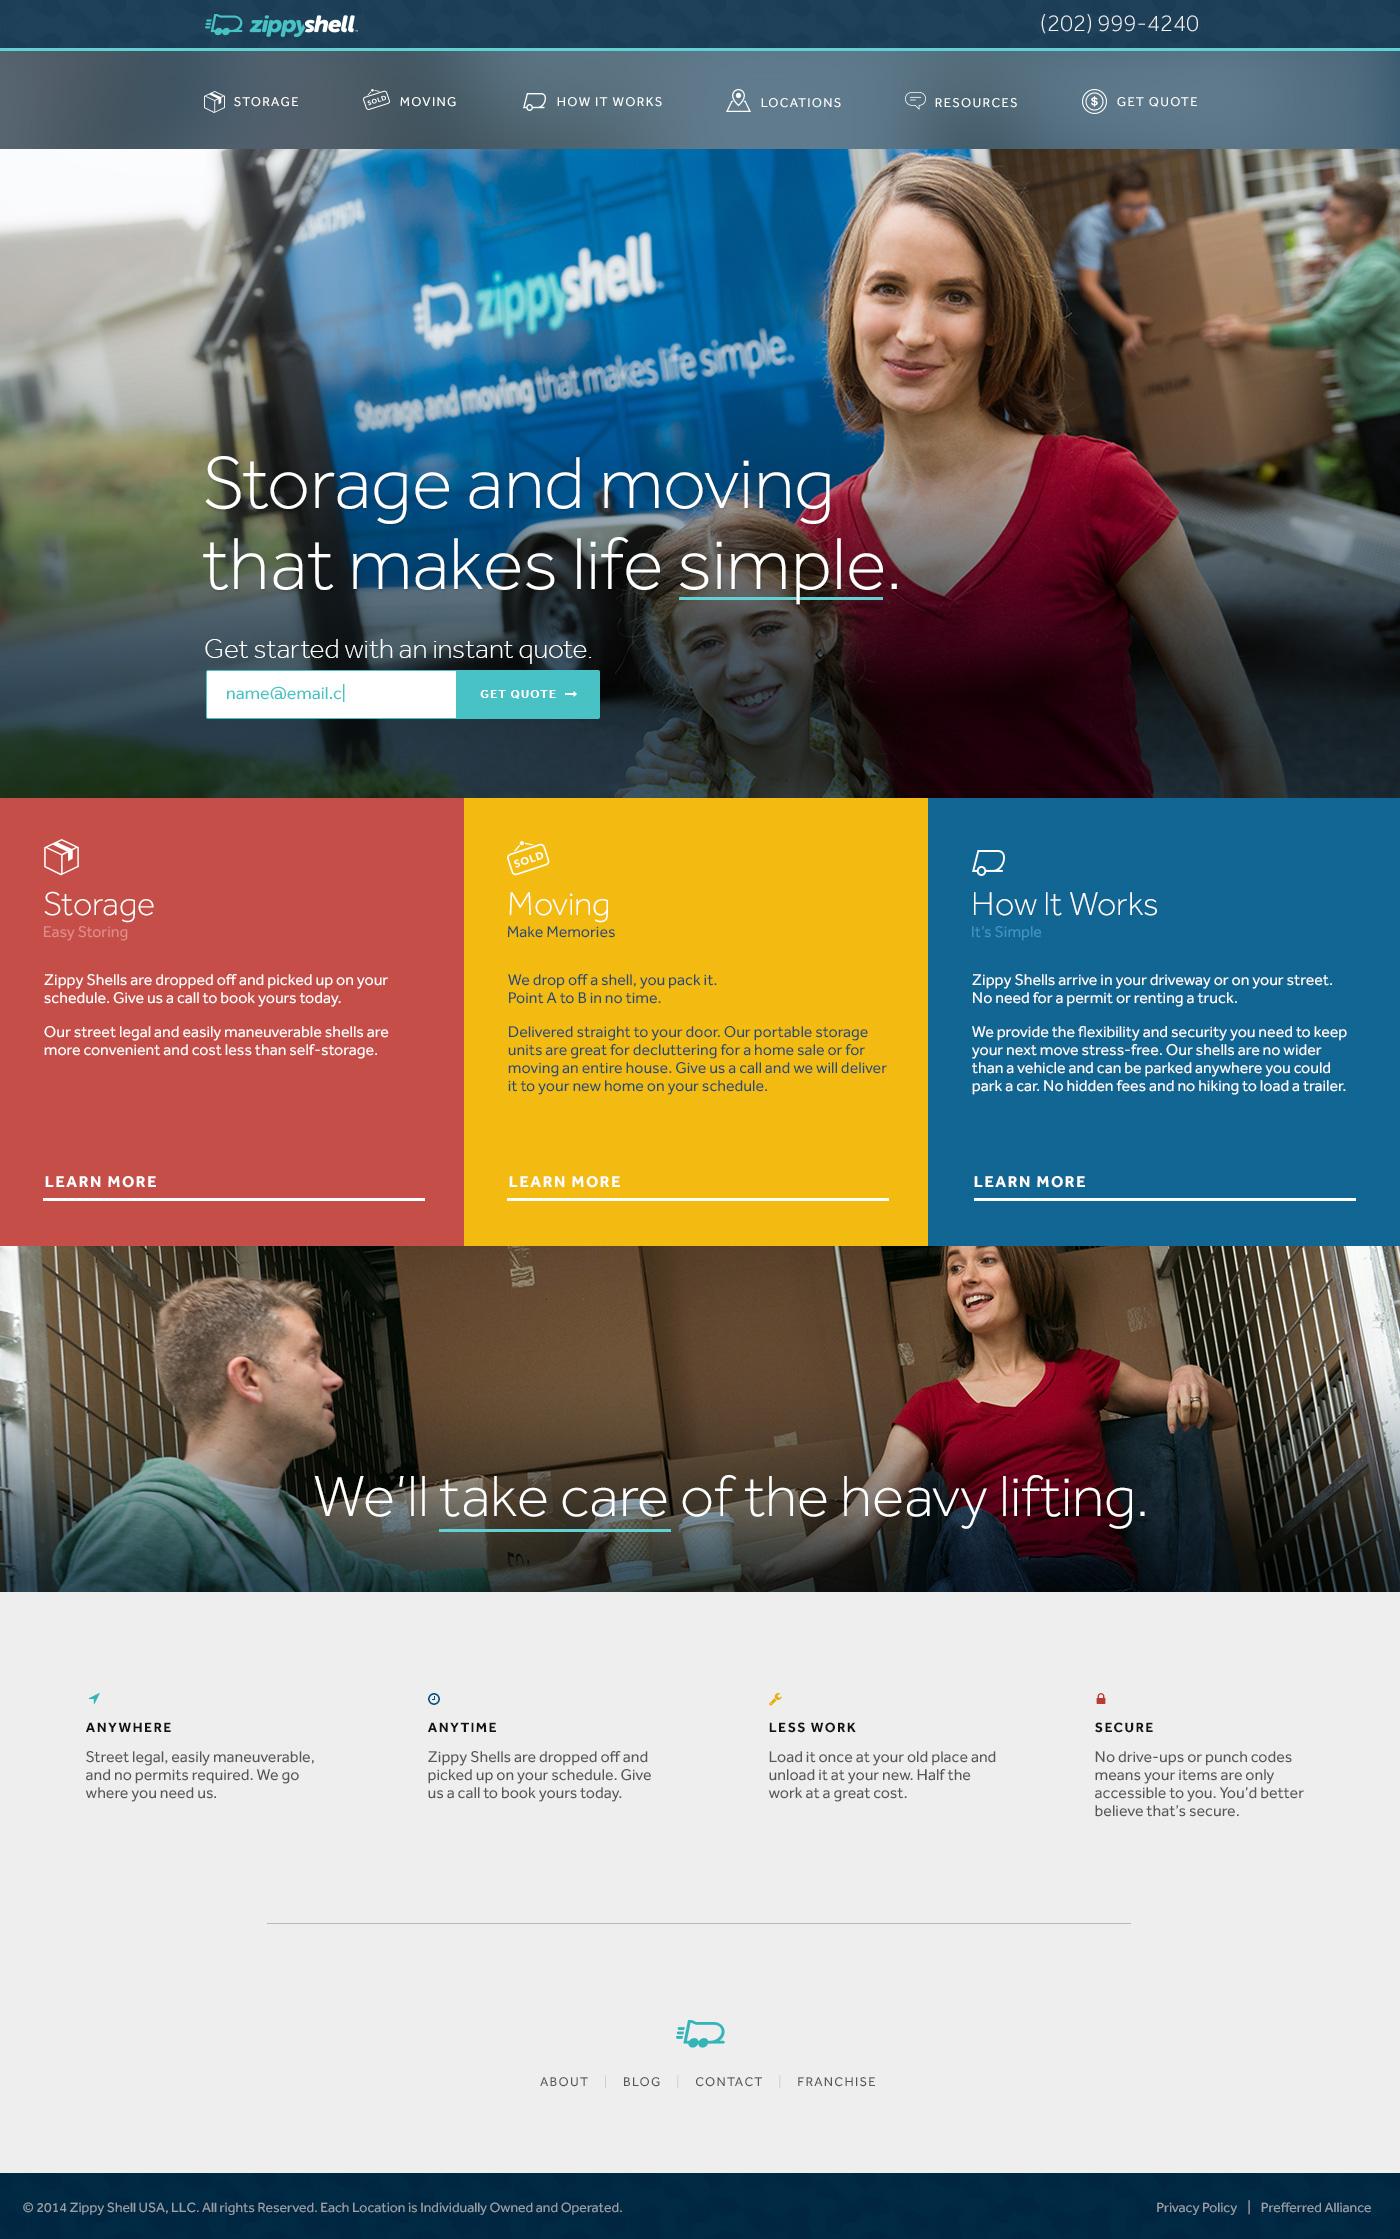 zs-homepage.jpg